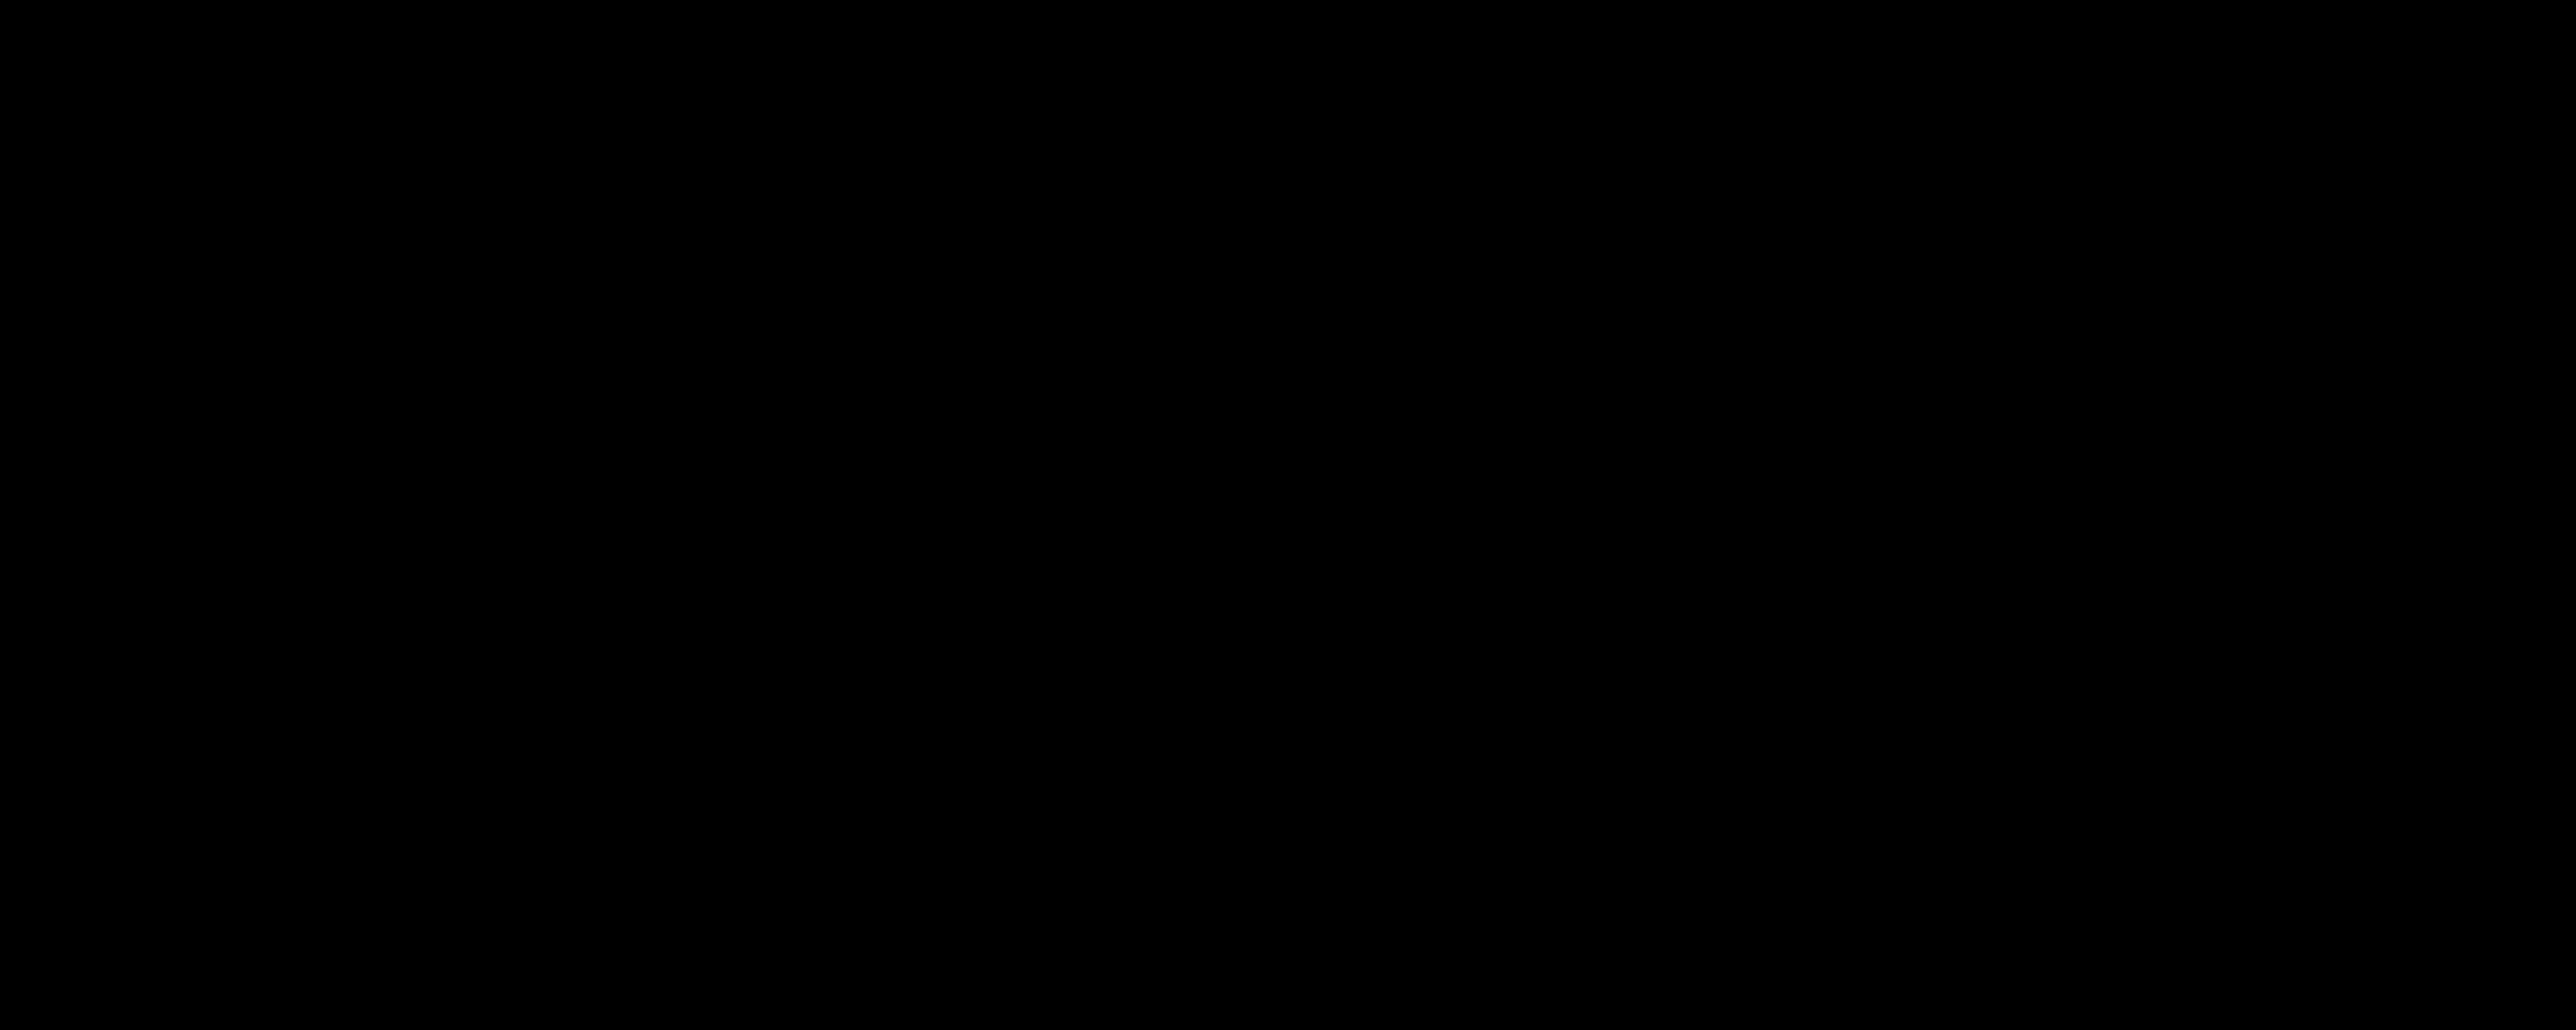 Fortnite Battle Royale Logo PNG HD Images